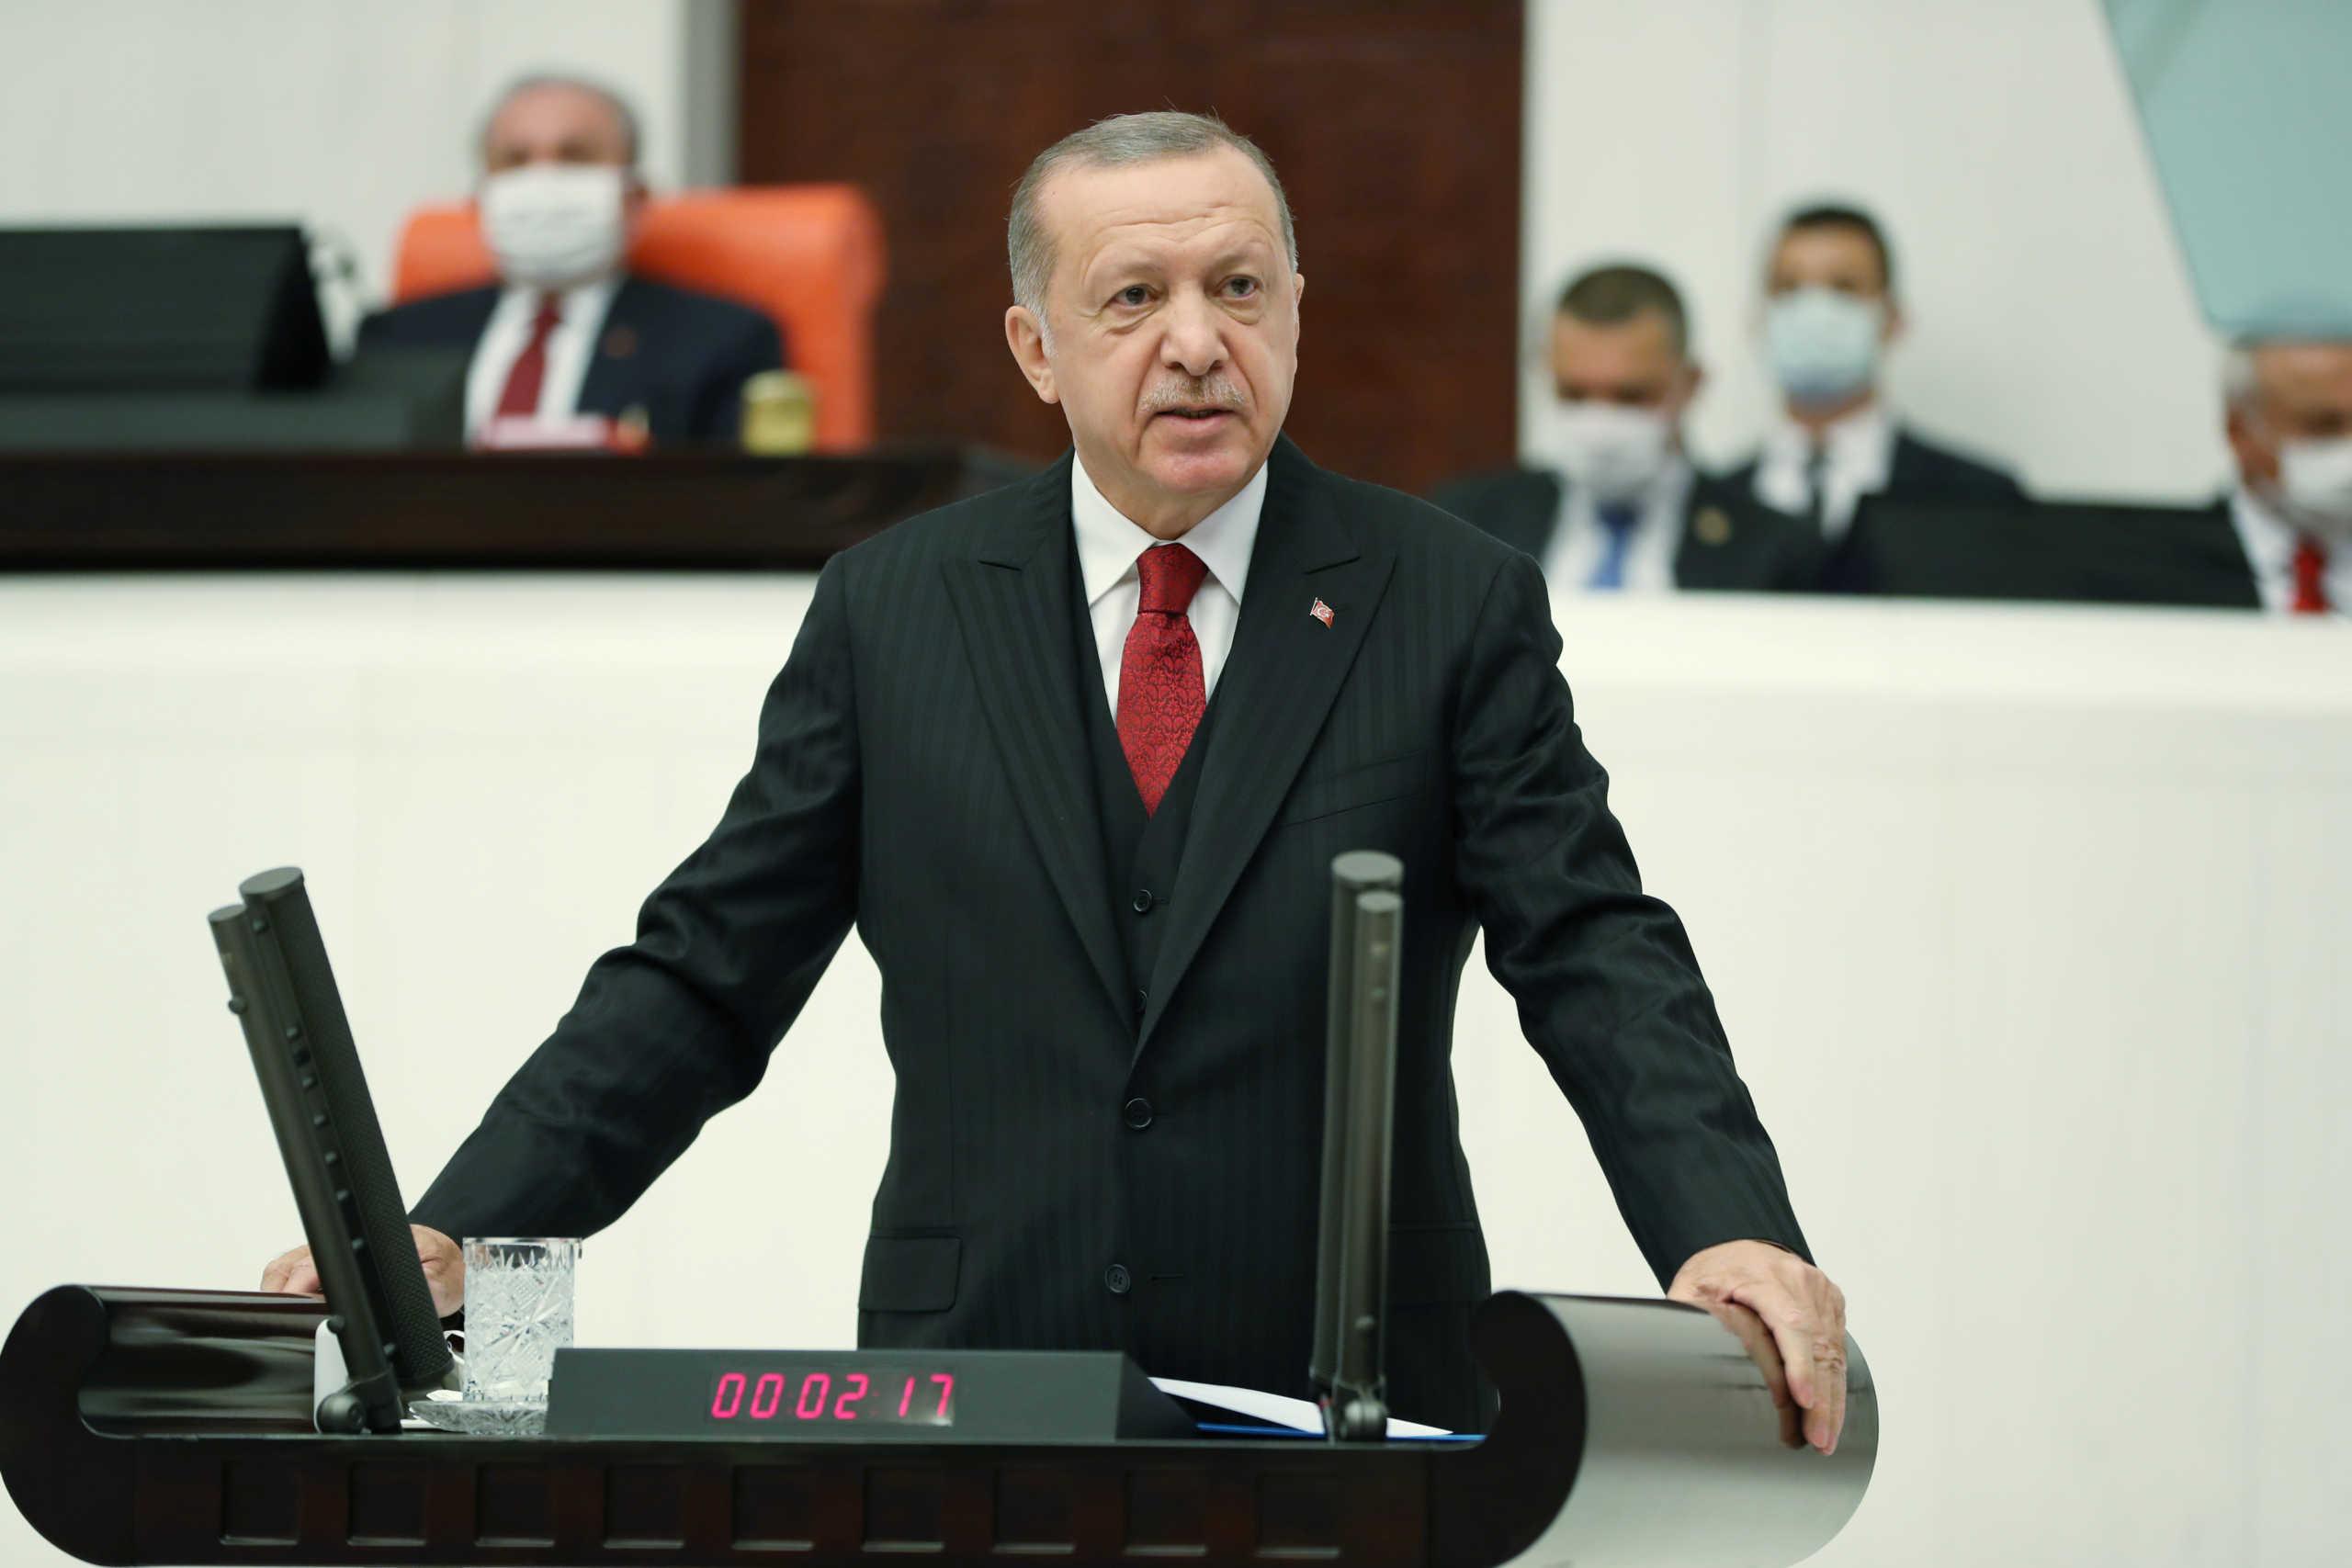 Δεκτή η παραίτηση του γαμπρού του Ερντογάν! Ποιος είναι ο νέος Υπουργός Οικονομικών